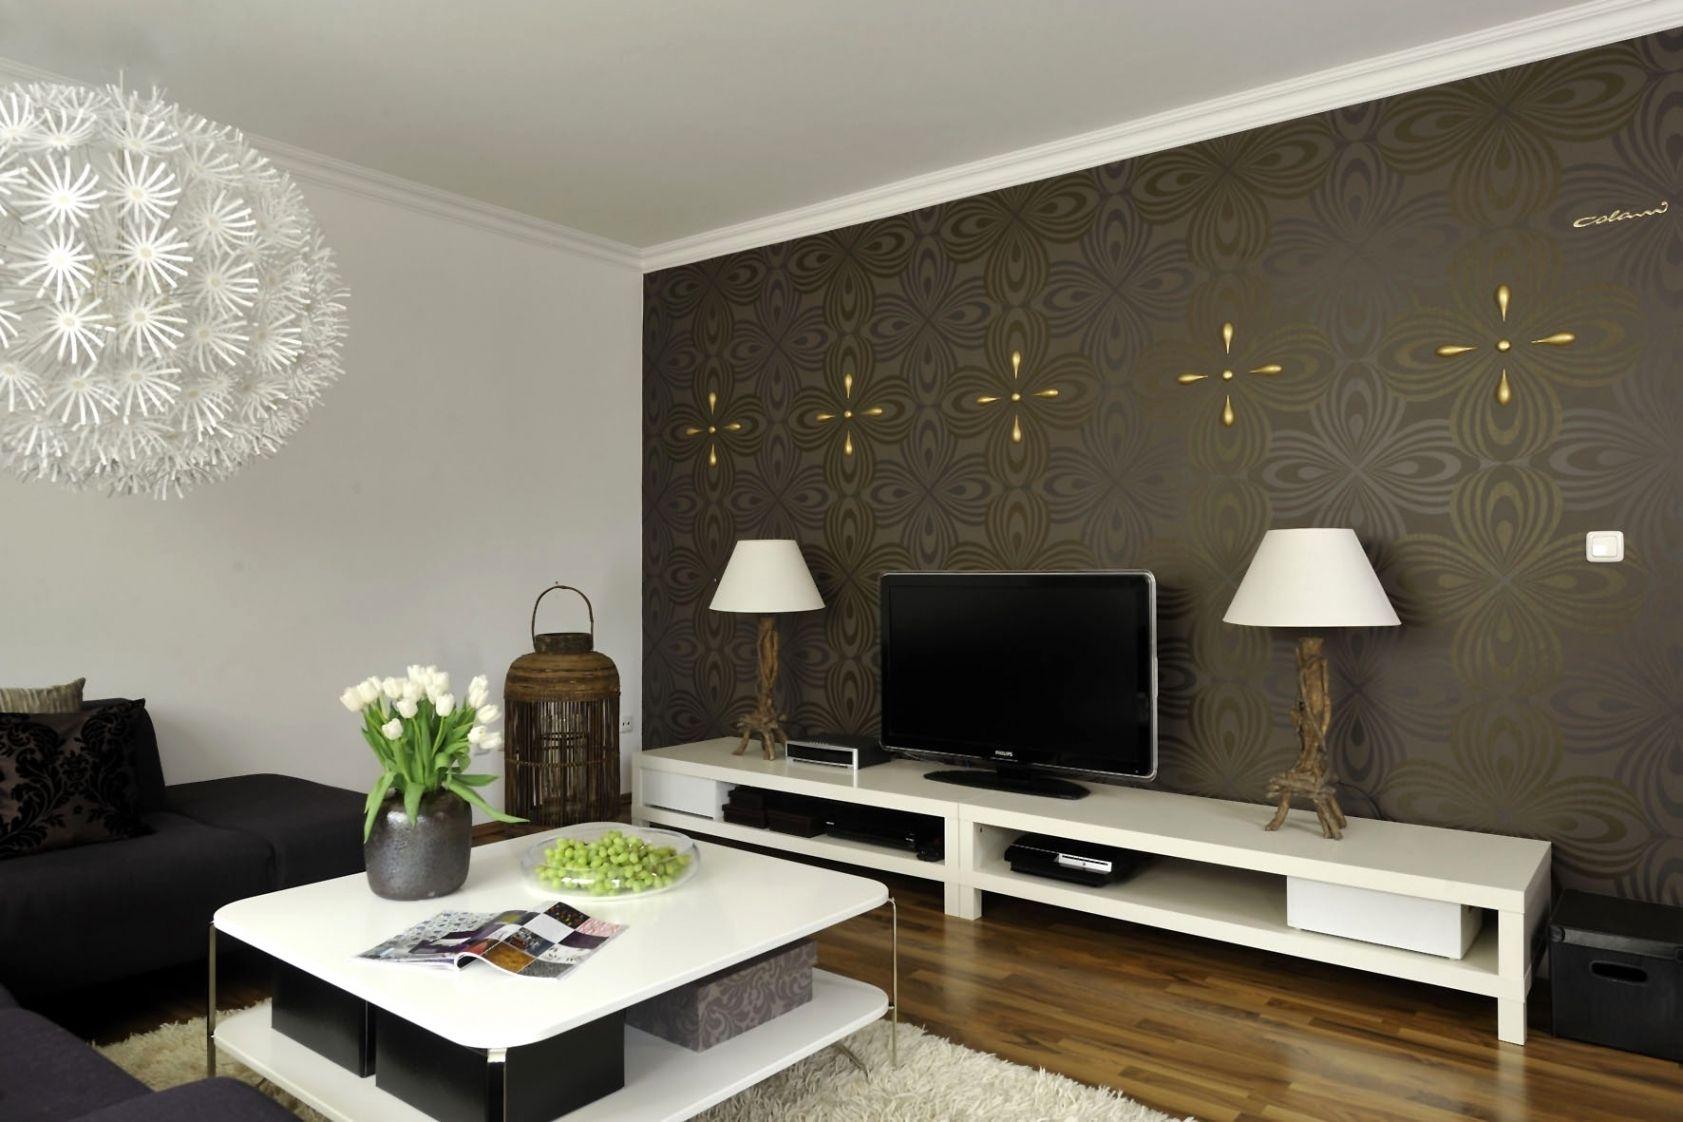 Elegant Wohnzimmer Tapeten Ideen  Tapeten wohnzimmer, Wohnzimmer